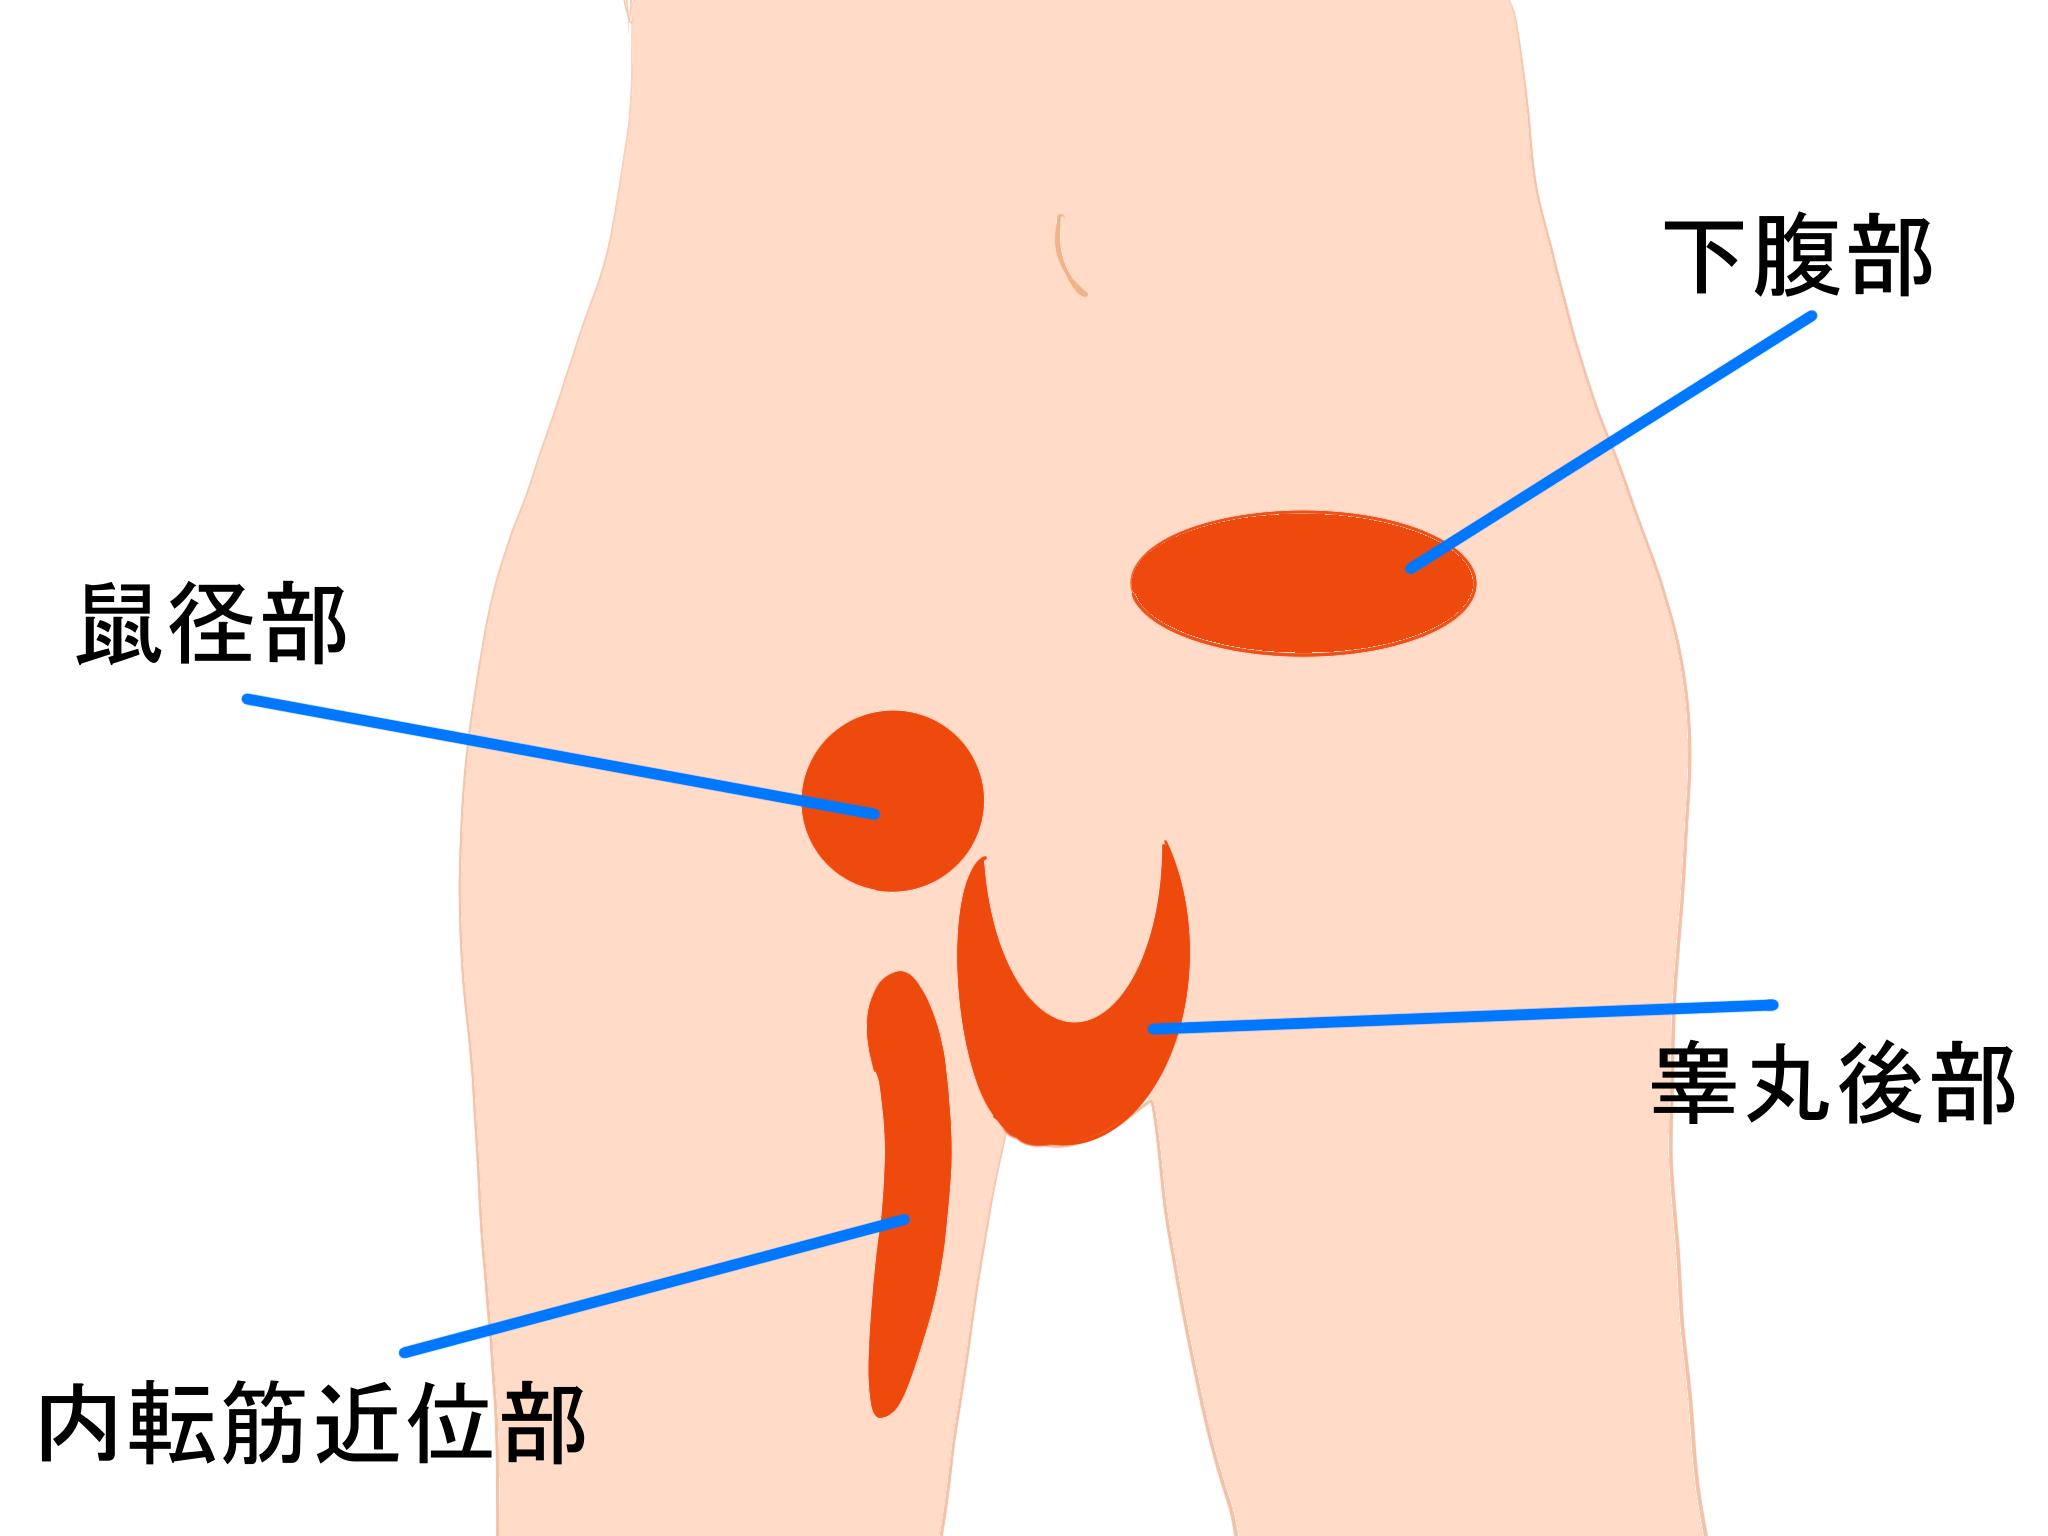 鼠径部痛症候群グロインペインシンドローム痛みの部位